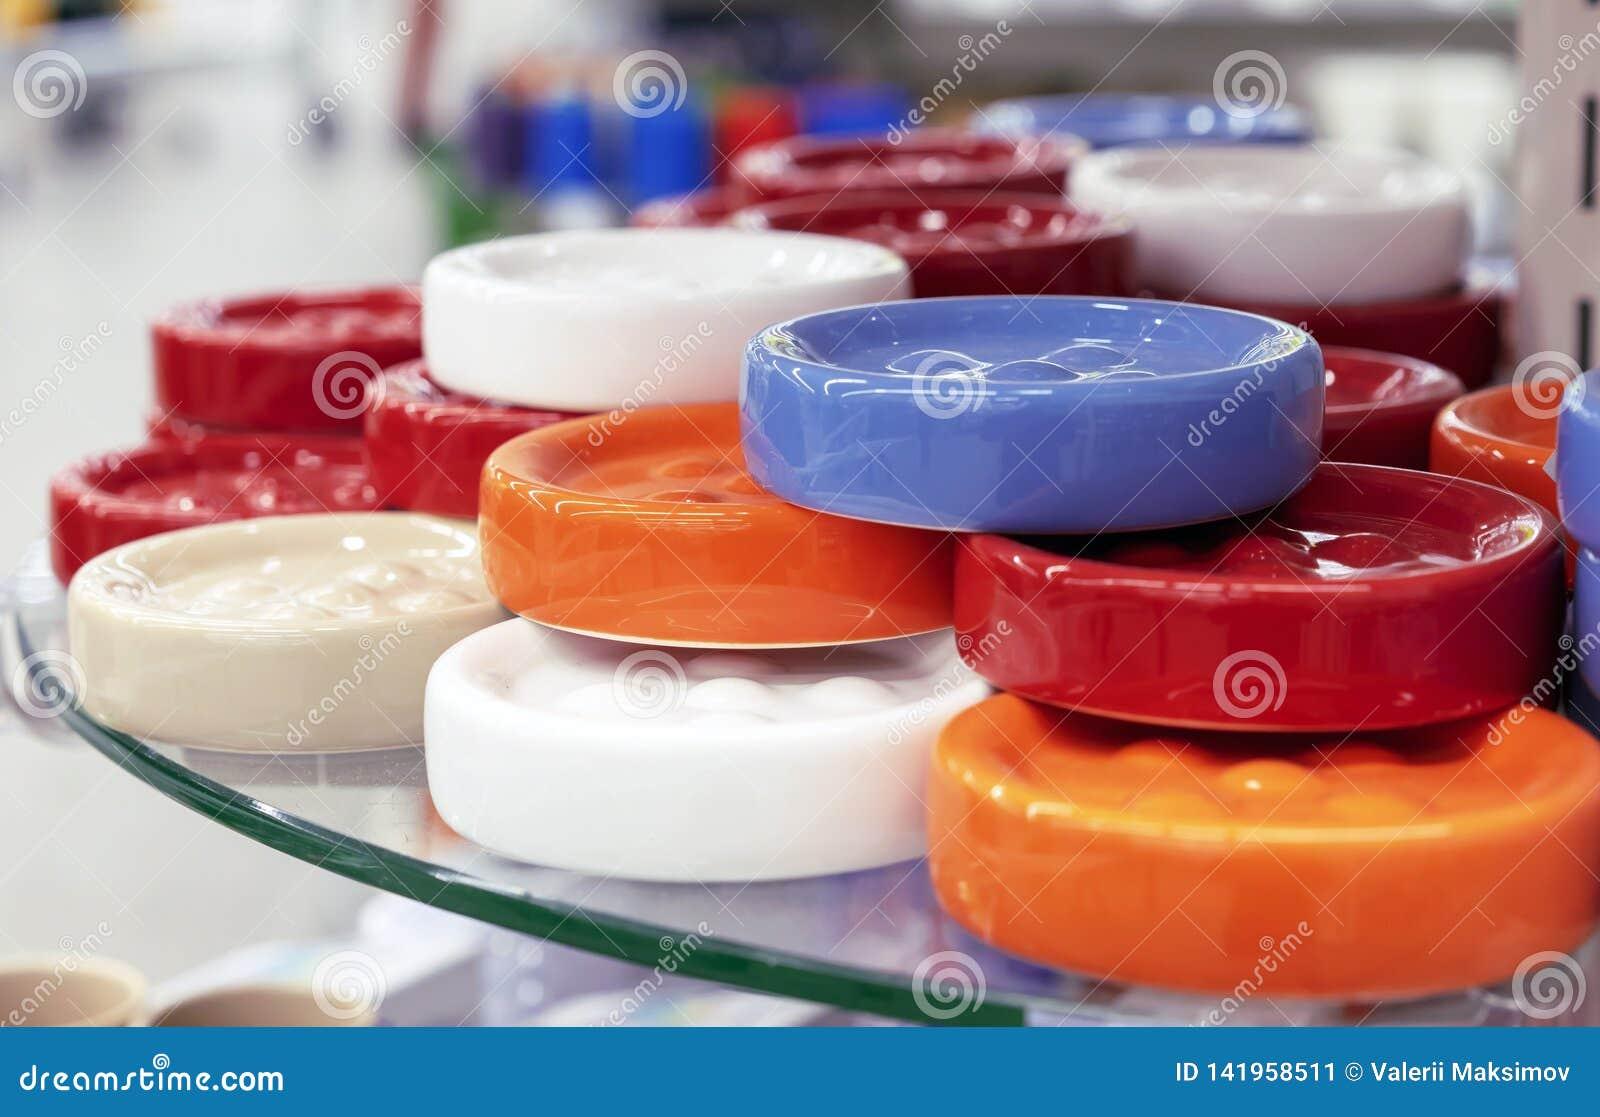 明亮的颜色圆的陶瓷浴皂盒